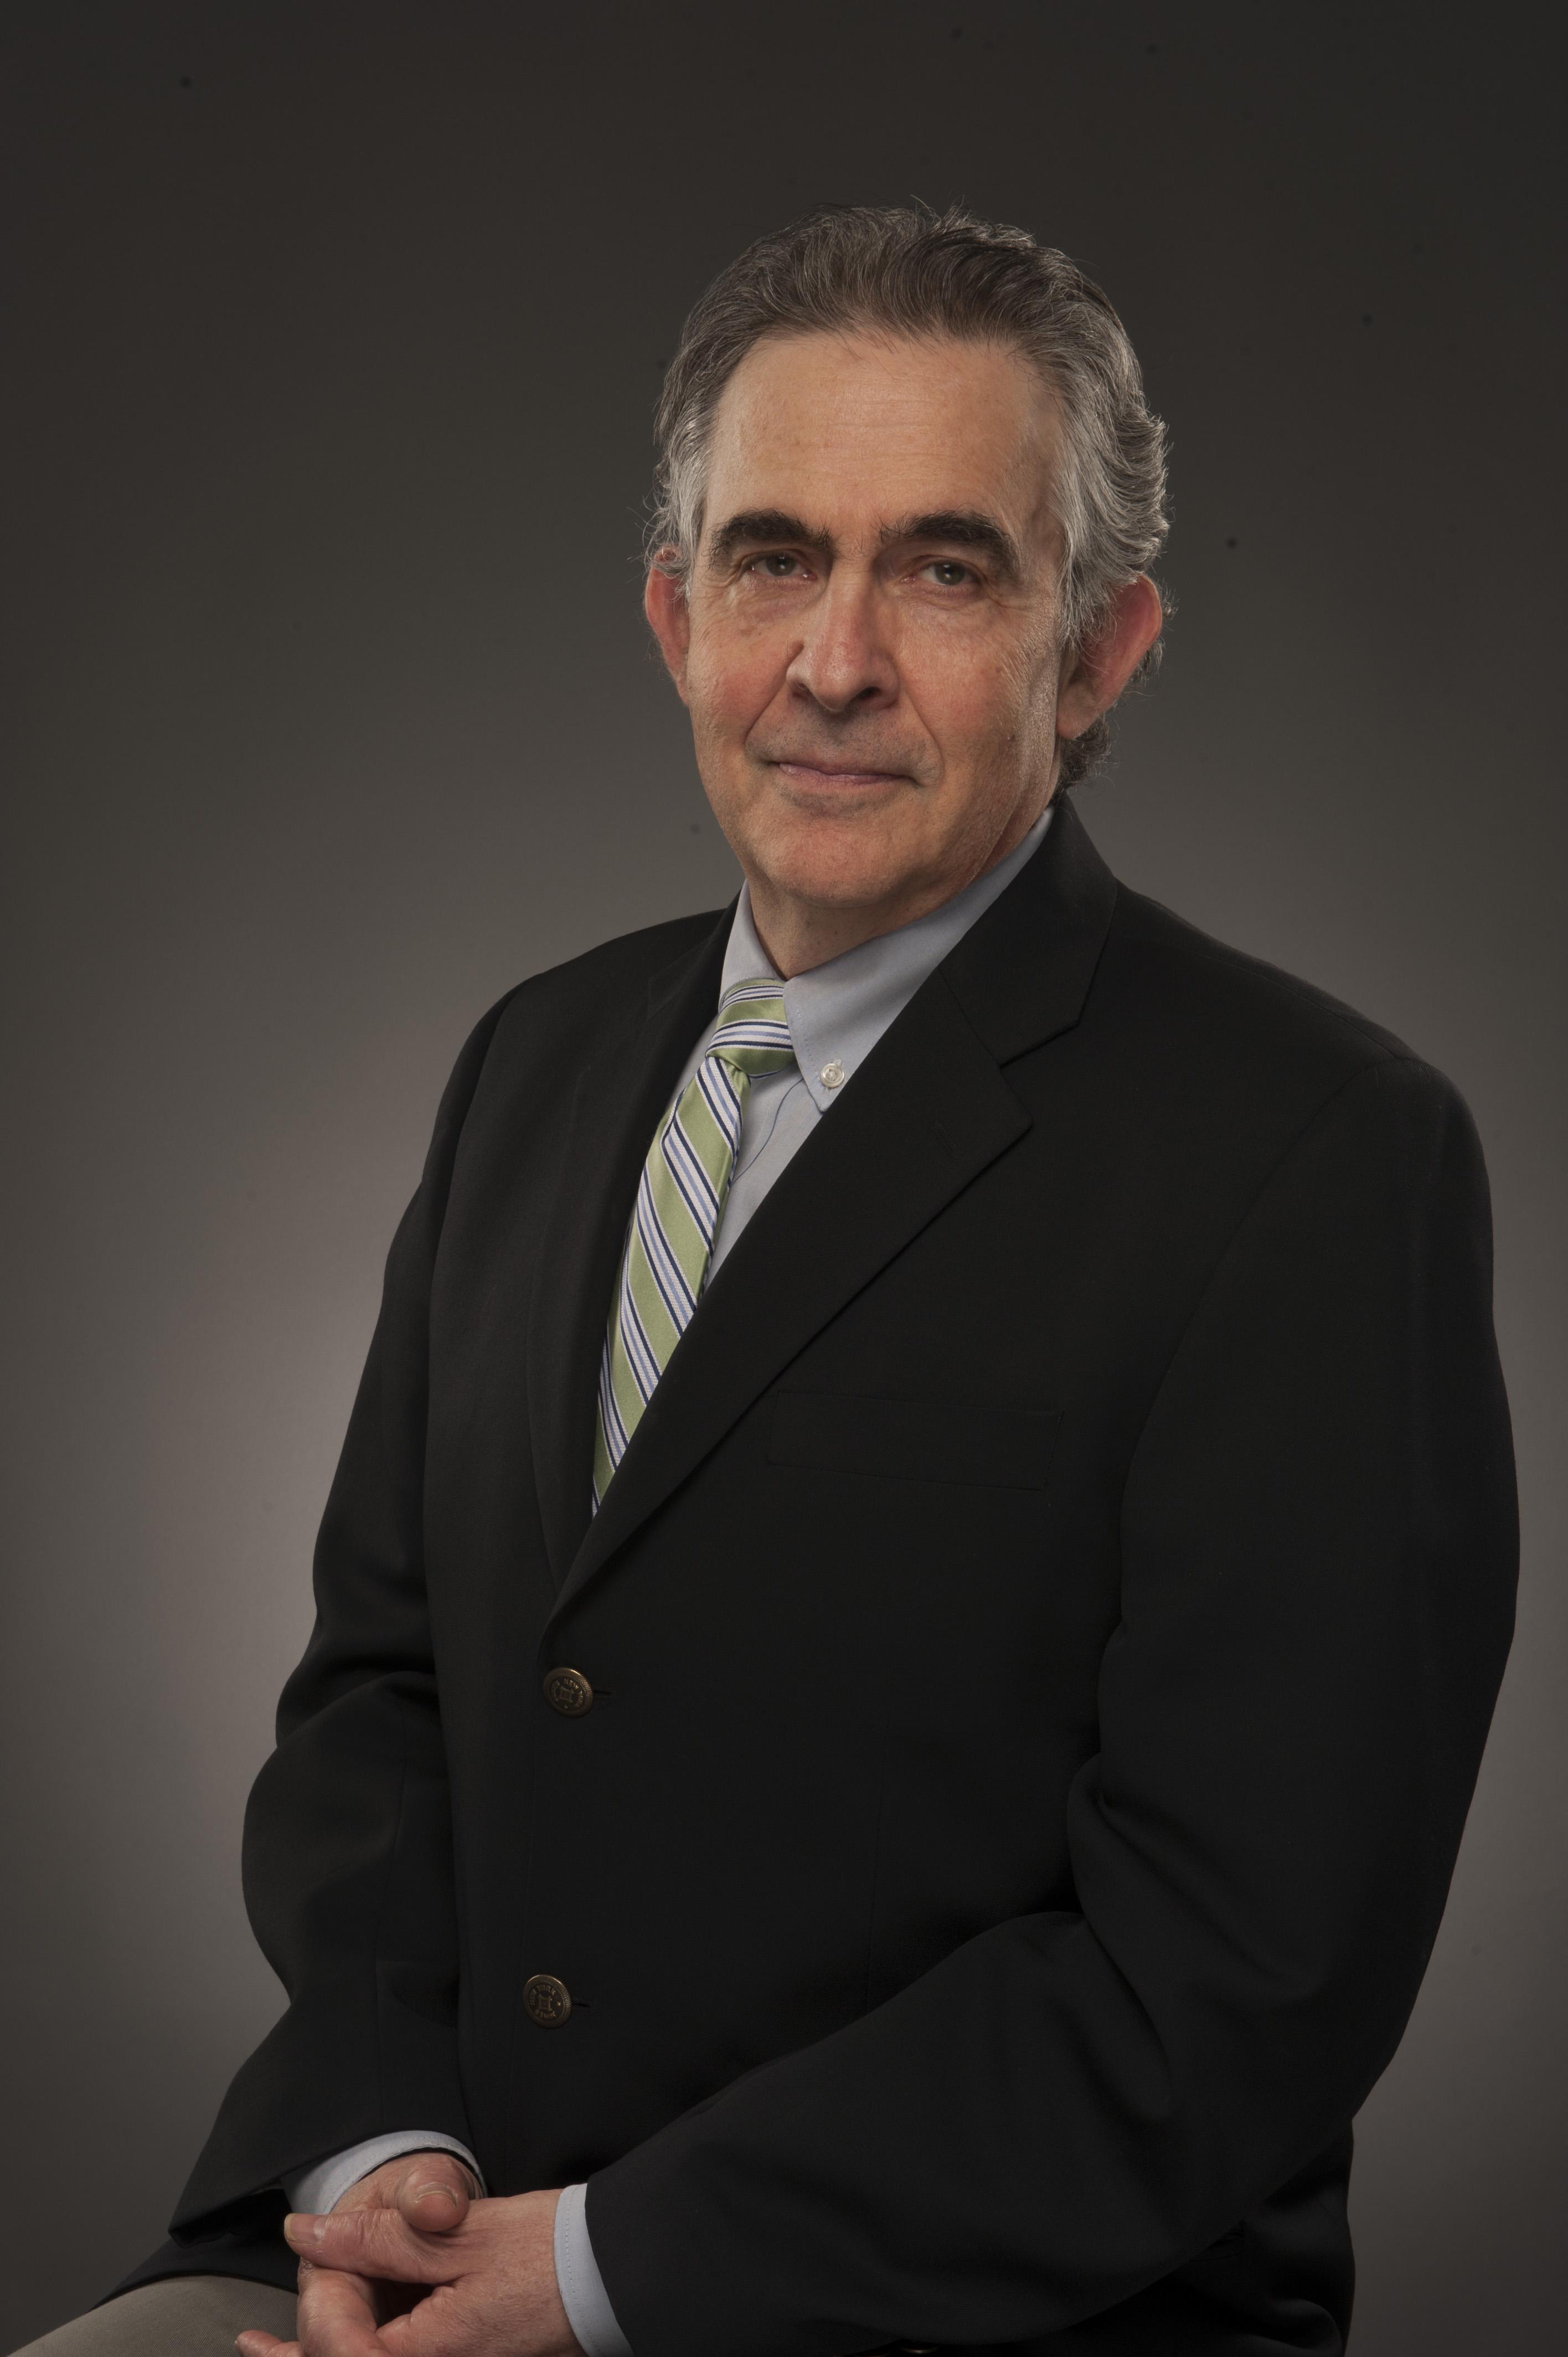 Dr. Eric Letovsky